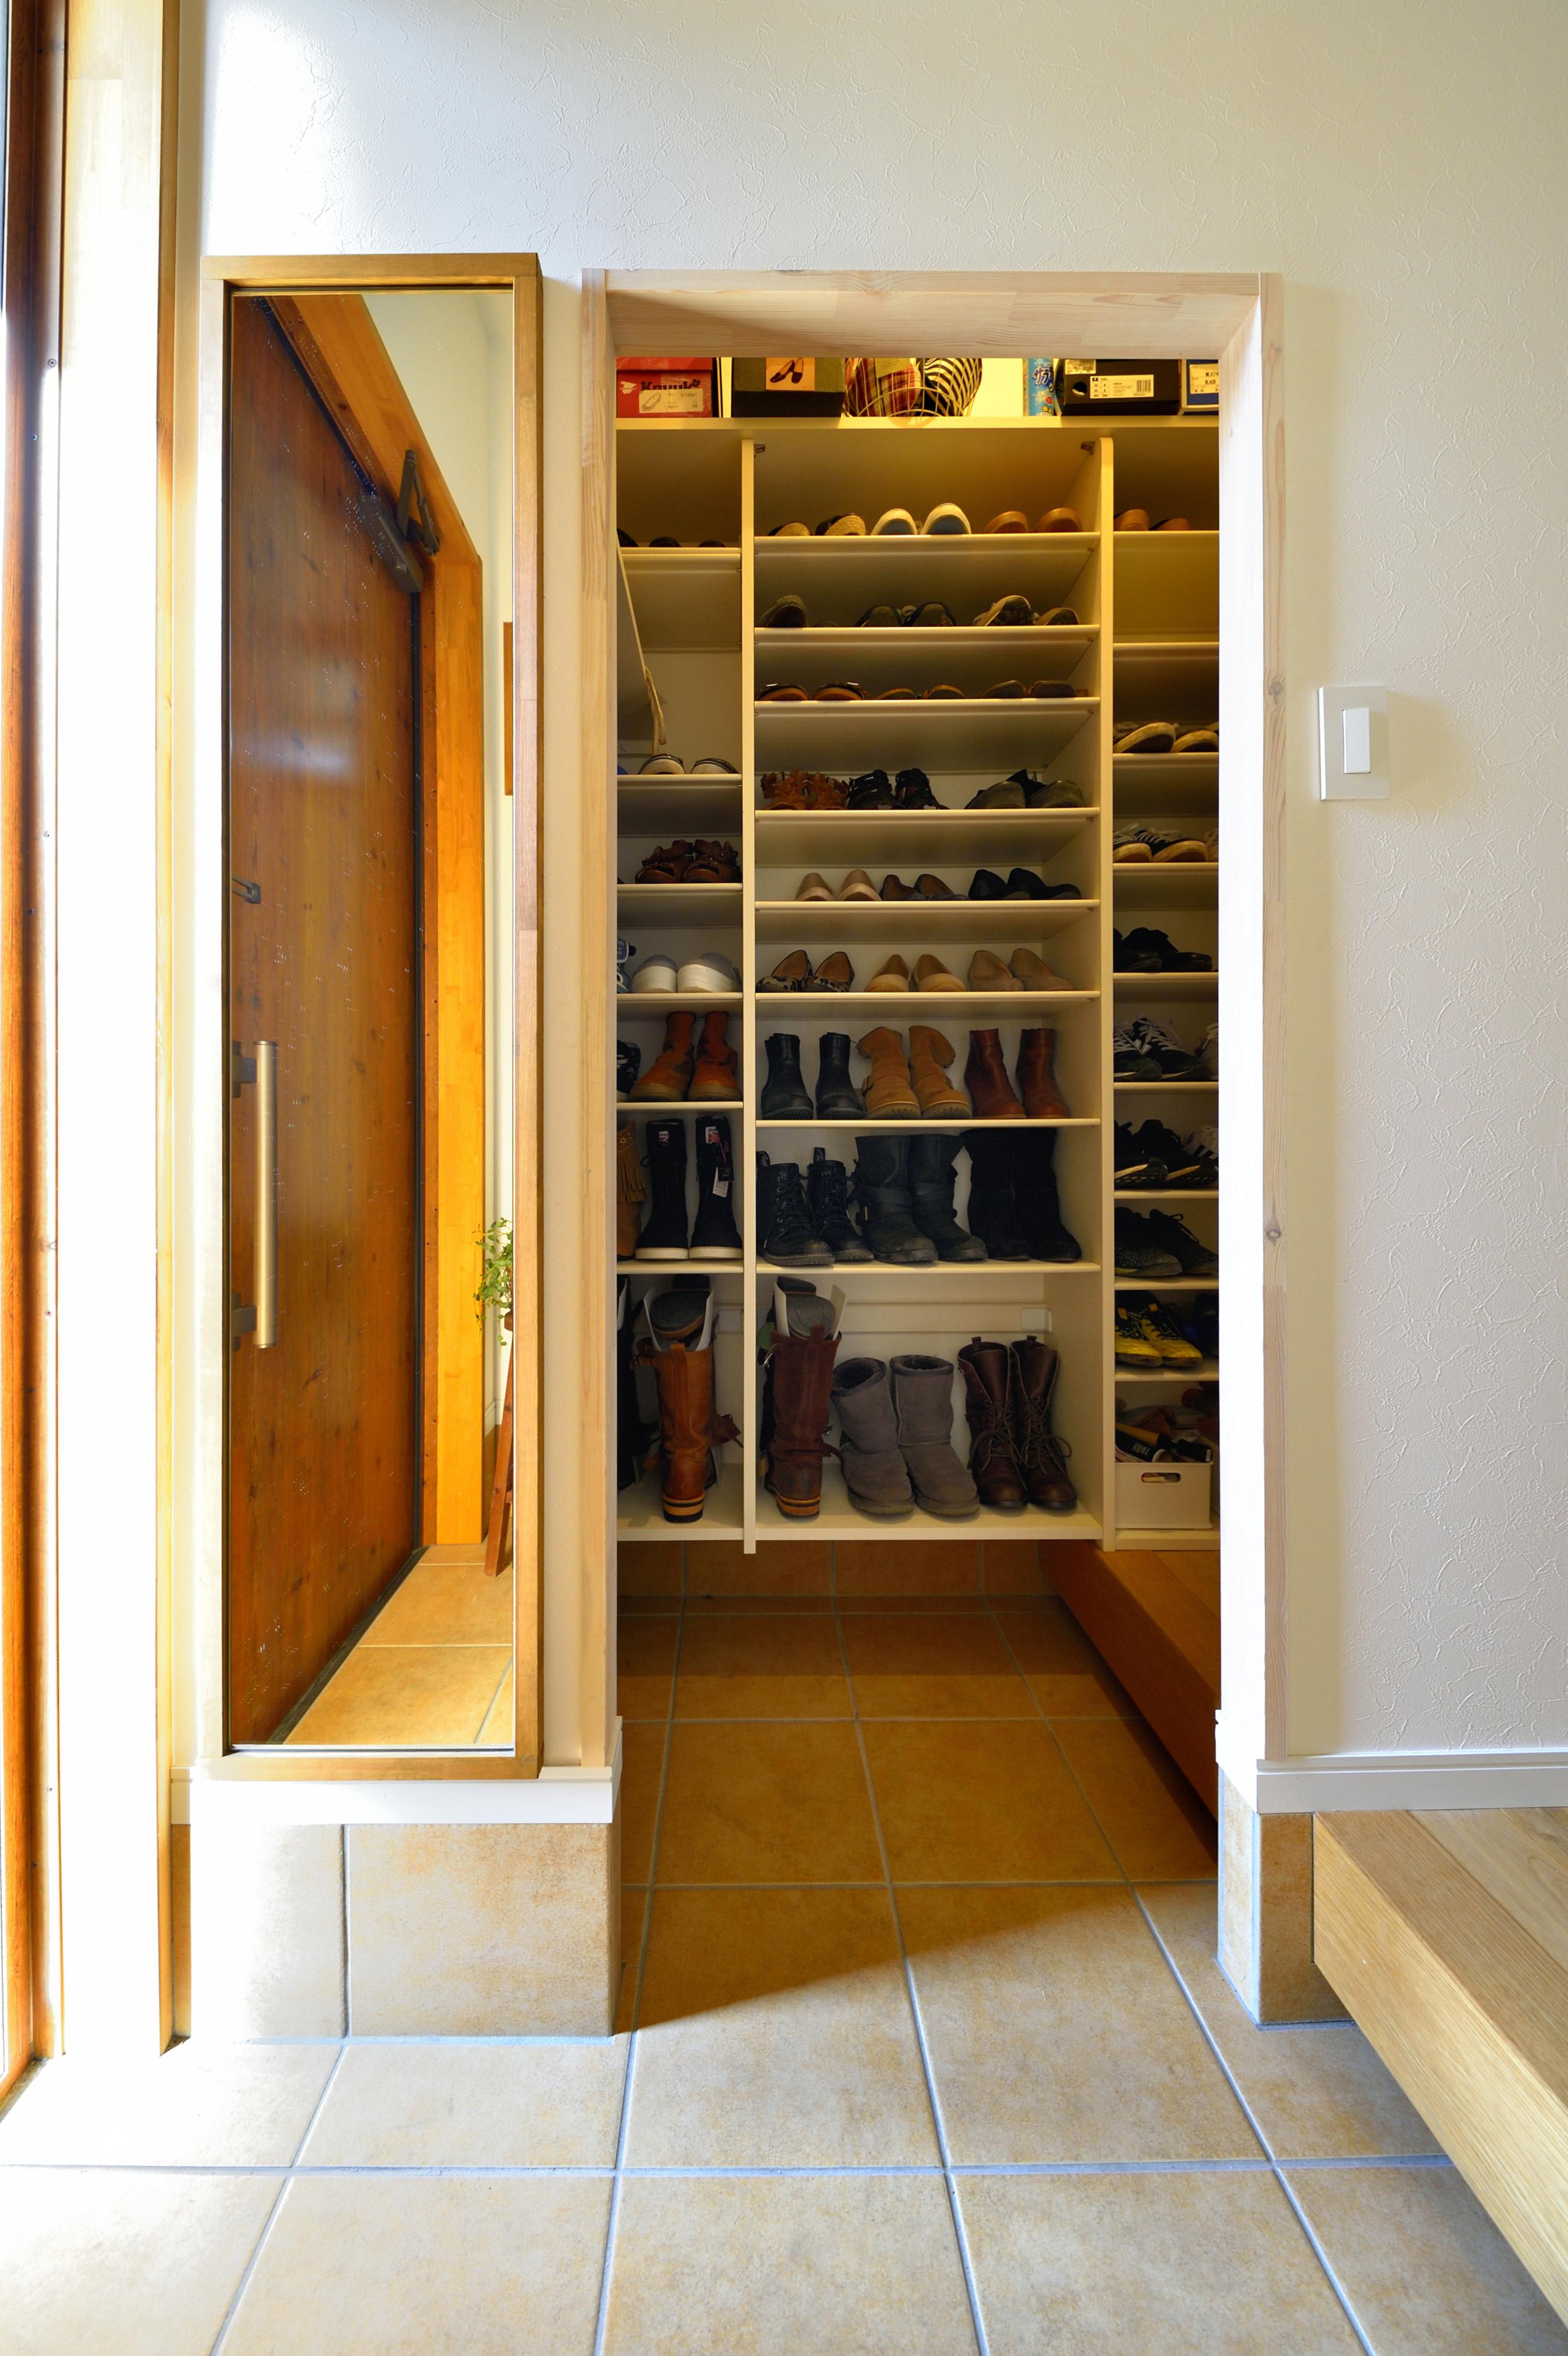 「靴箱」なくしてみたら・・シューズインクローゼット(株式会社OKUTA LOHAS studio 大宮店のブログ 星川 知加子@OKUTAのブログ) リフォームのオクタ